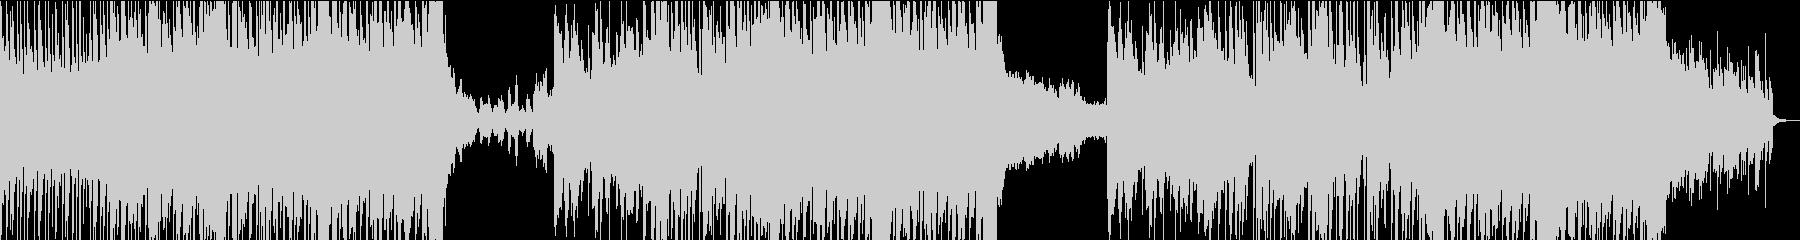 ヘビーなエレクトロロックの未再生の波形